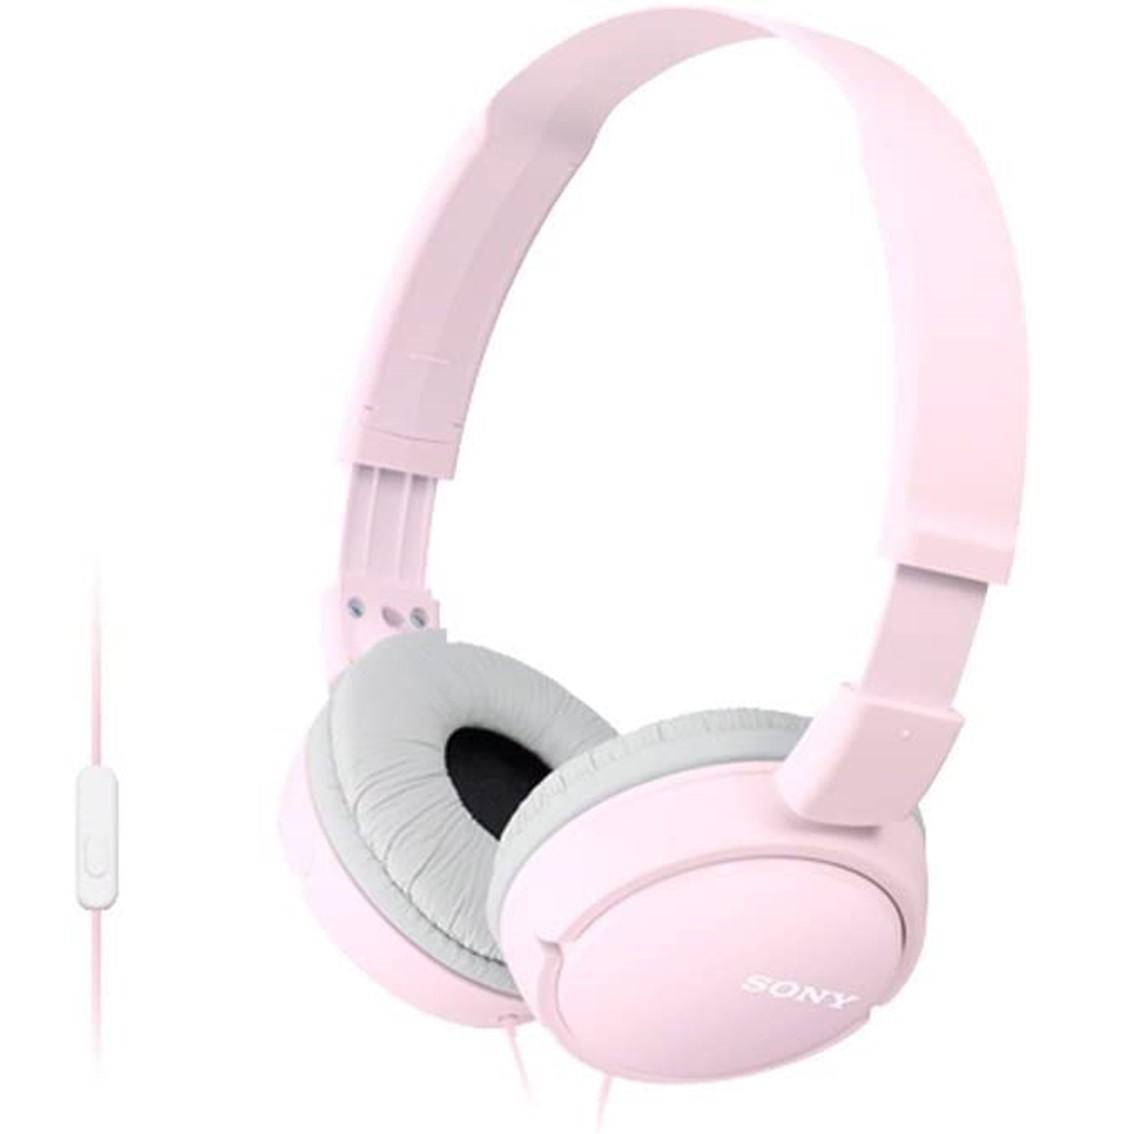 Auriculares Sony Mdrzx110app  /  Rosa  /  Pleglable  /  Microfono MDRZX110APP